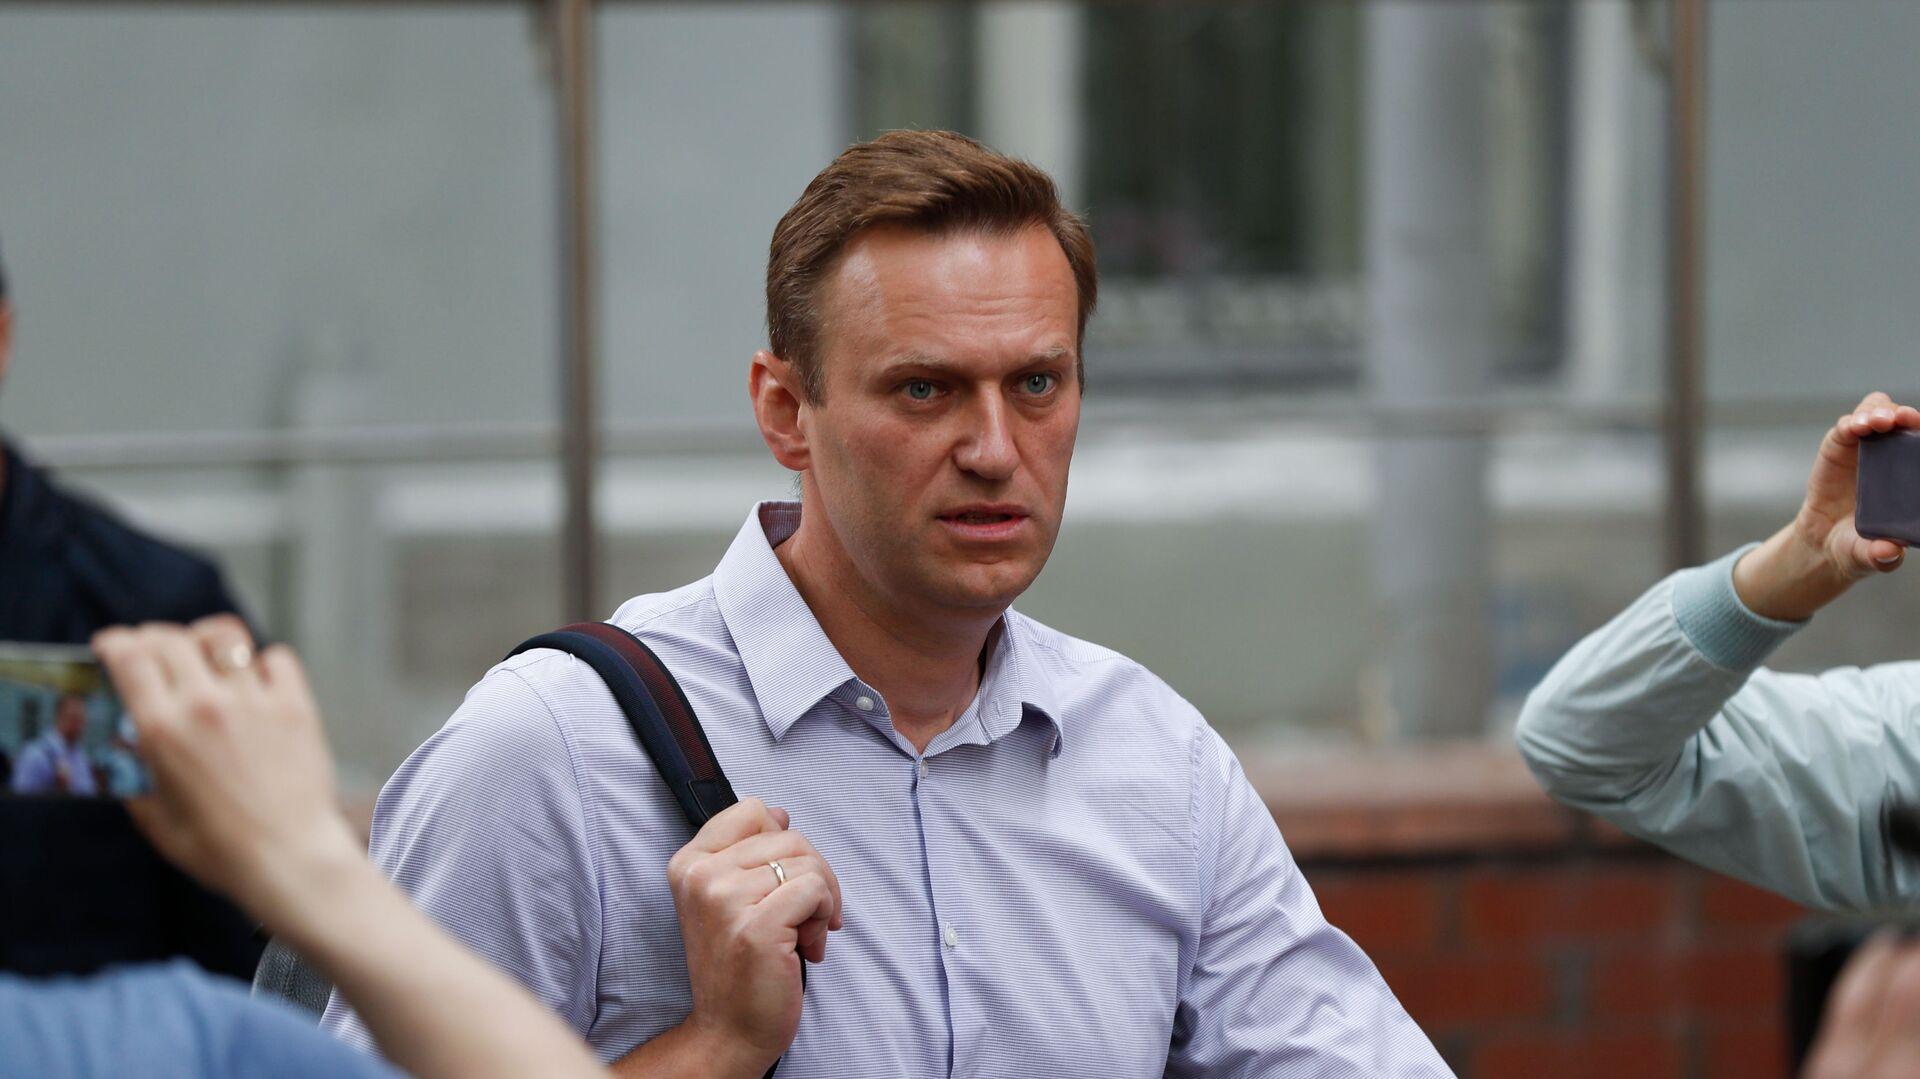 Bloger Alexej Navalnyj v Moskvě - Sputnik Česká republika, 1920, 05.02.2021